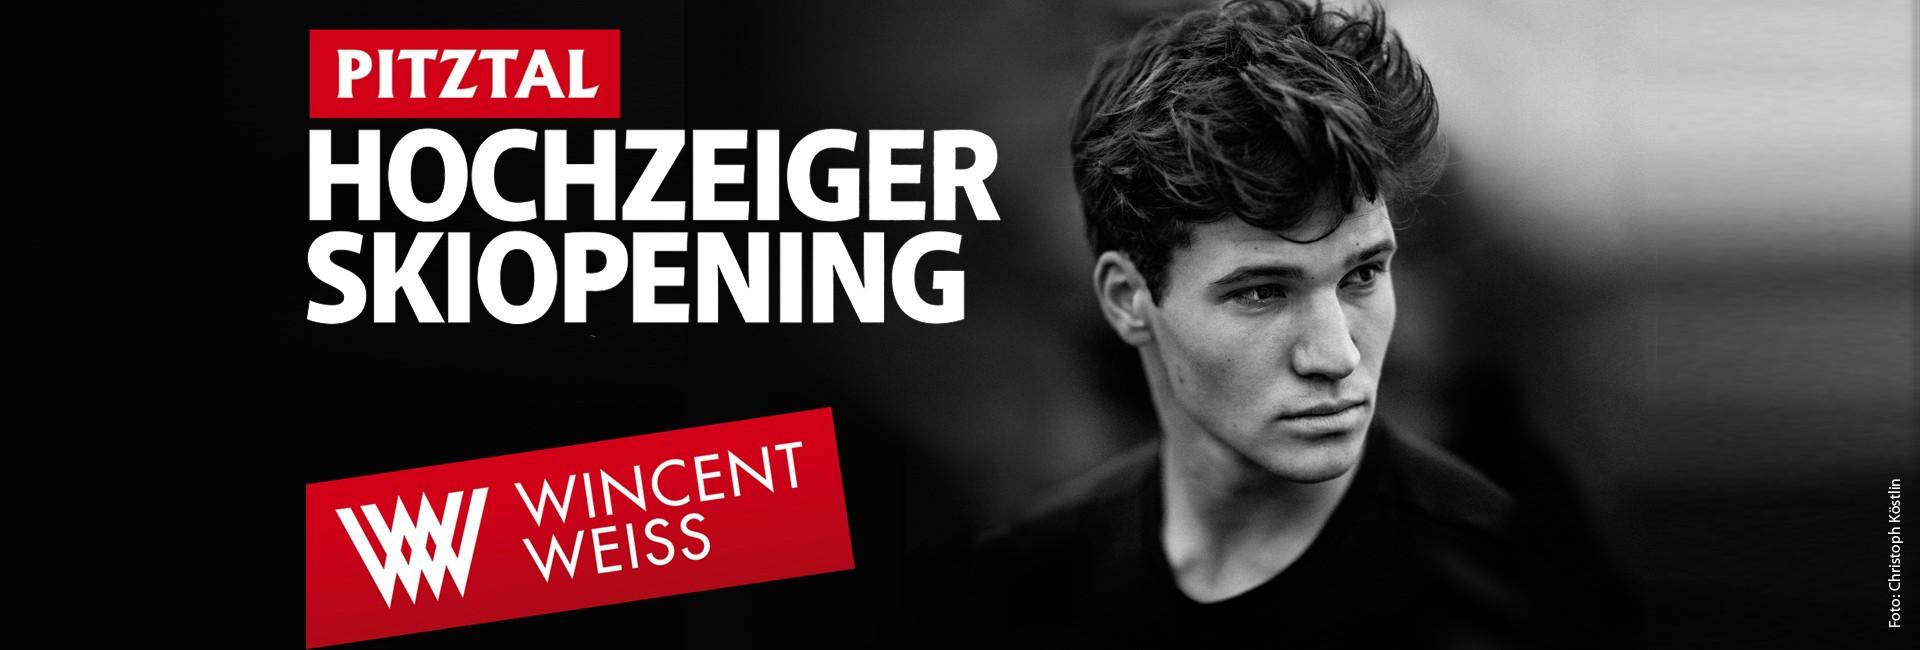 hochzeiger-skiopening-wincent-weiss_1 (1)